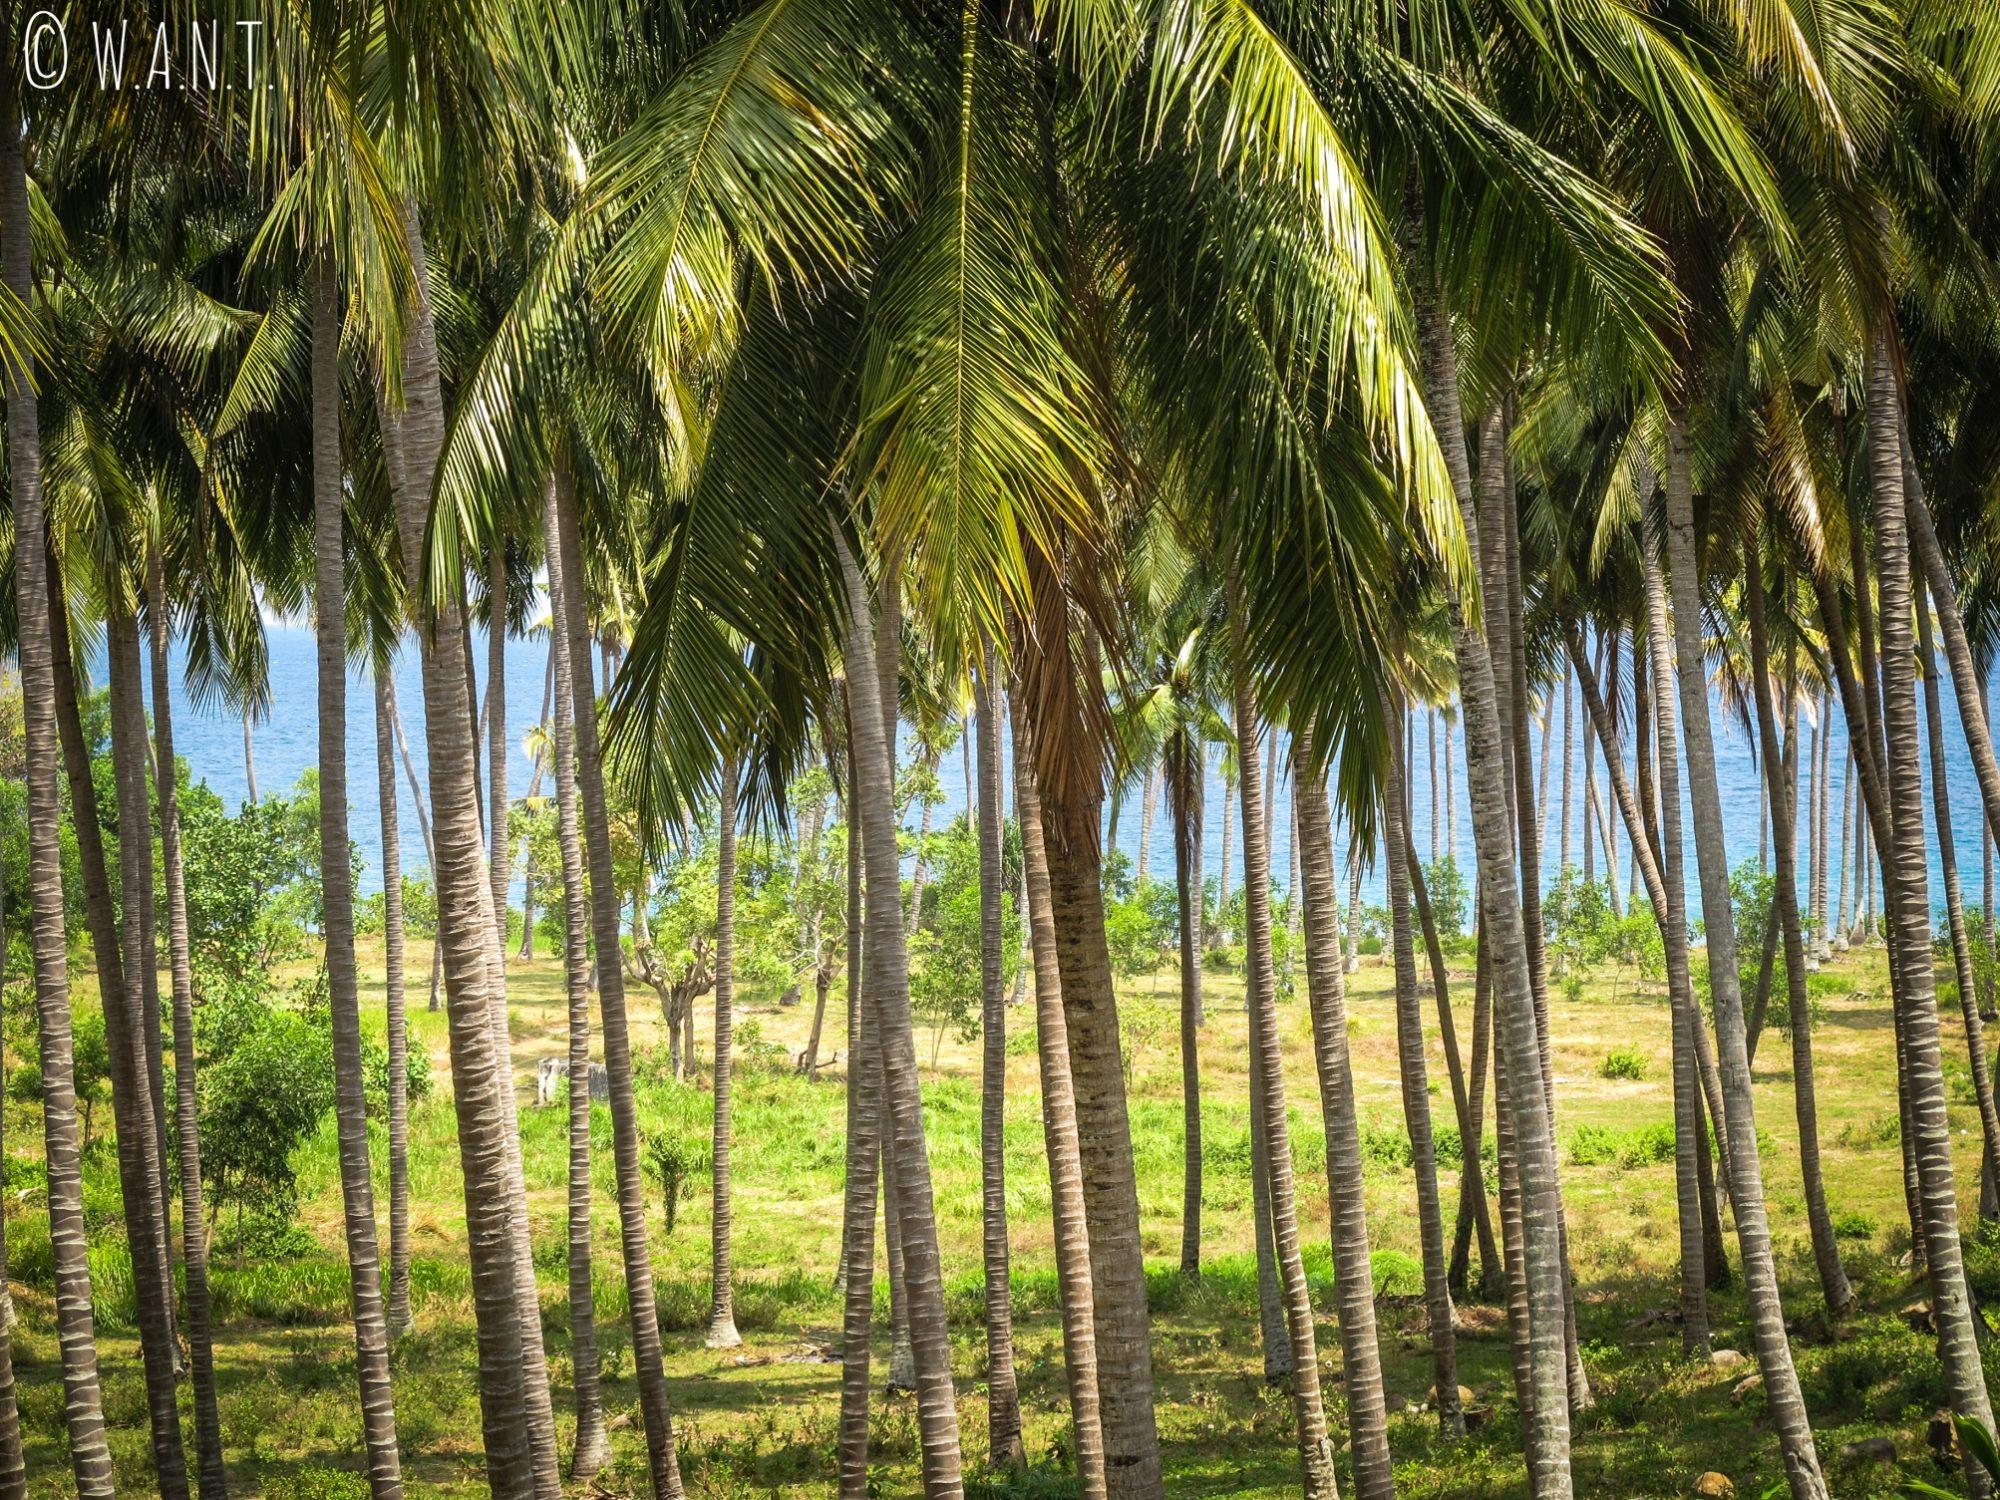 Plantation de palmiers sur la route entre Senggigi et Mangsit à Lombok